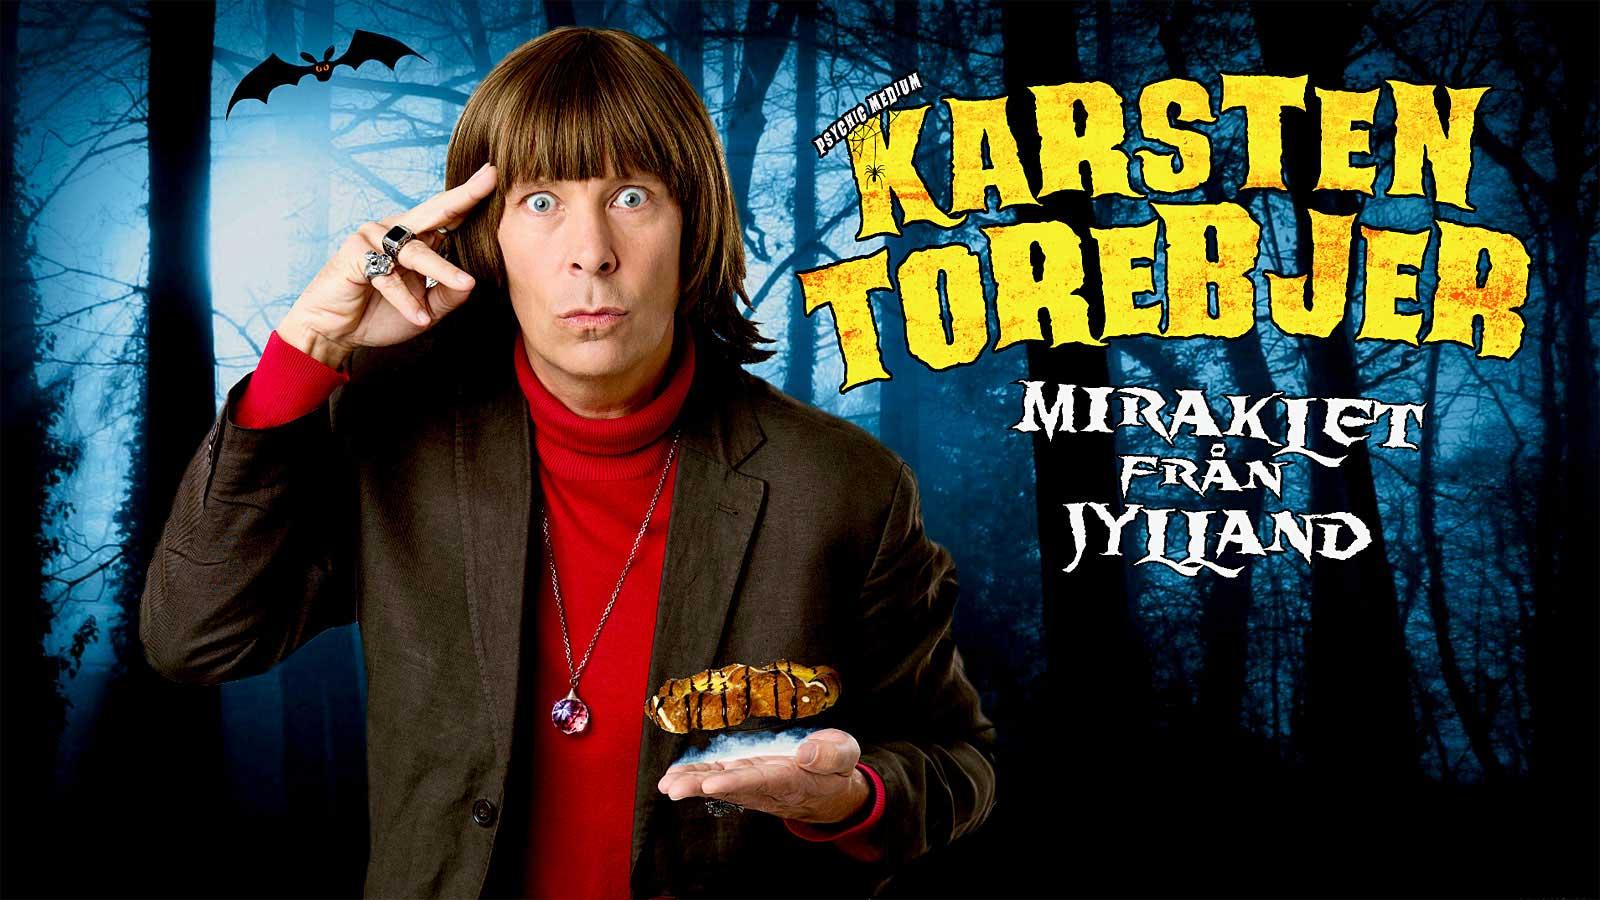 Karsten Torebjer – Miraklet från Jylland